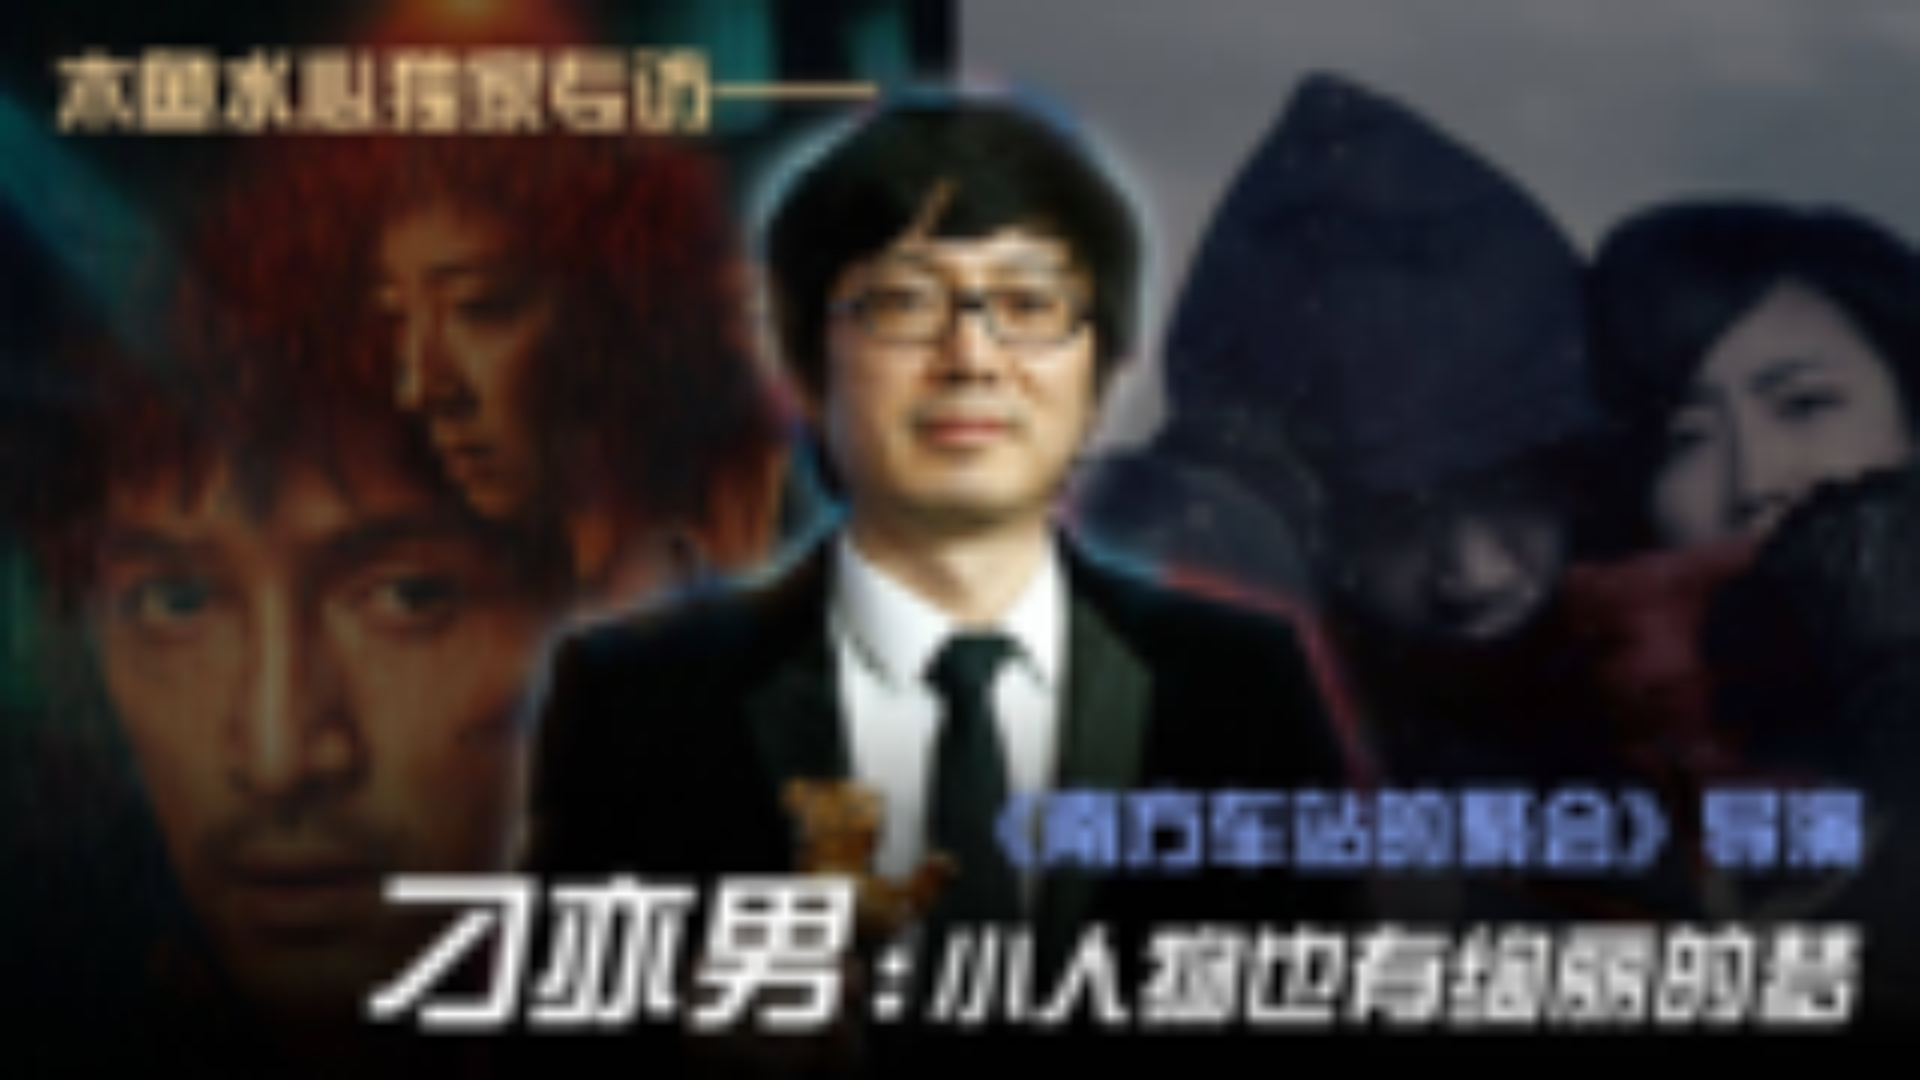 木鱼水心独家专访——《南方车站的聚会》导演刁亦男:小人物也有绚丽的梦